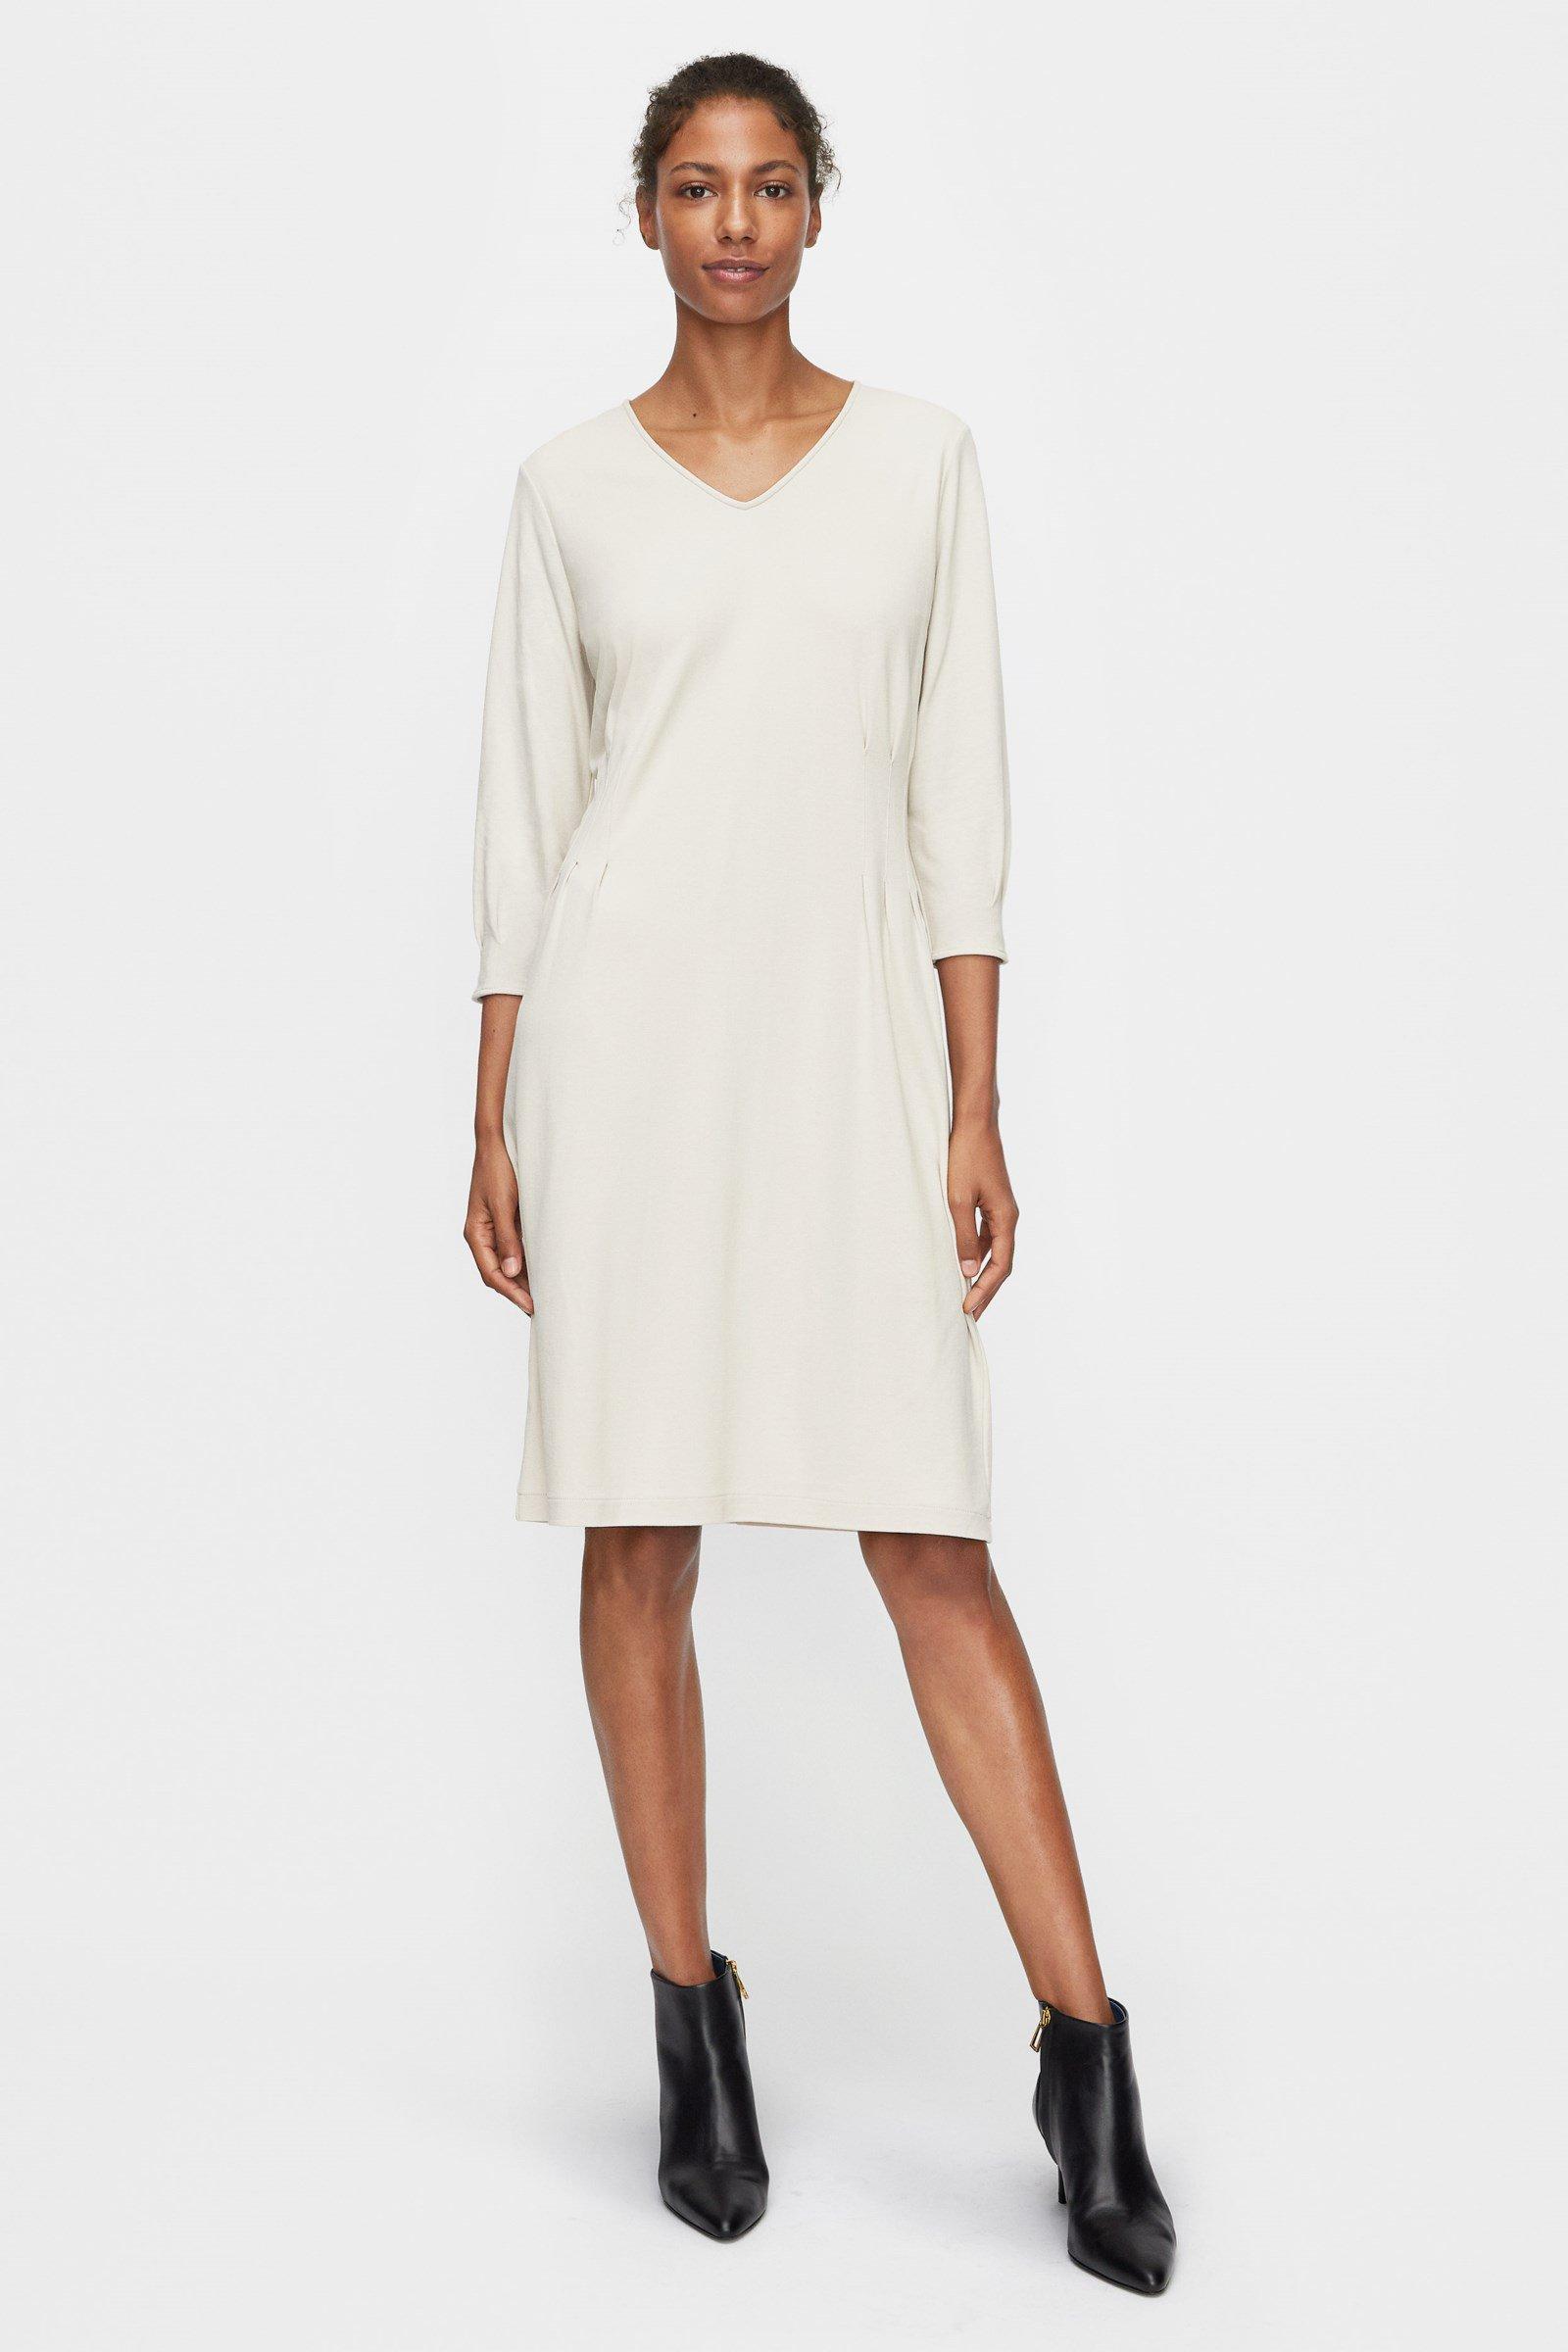 Vit klänning , Filippa K